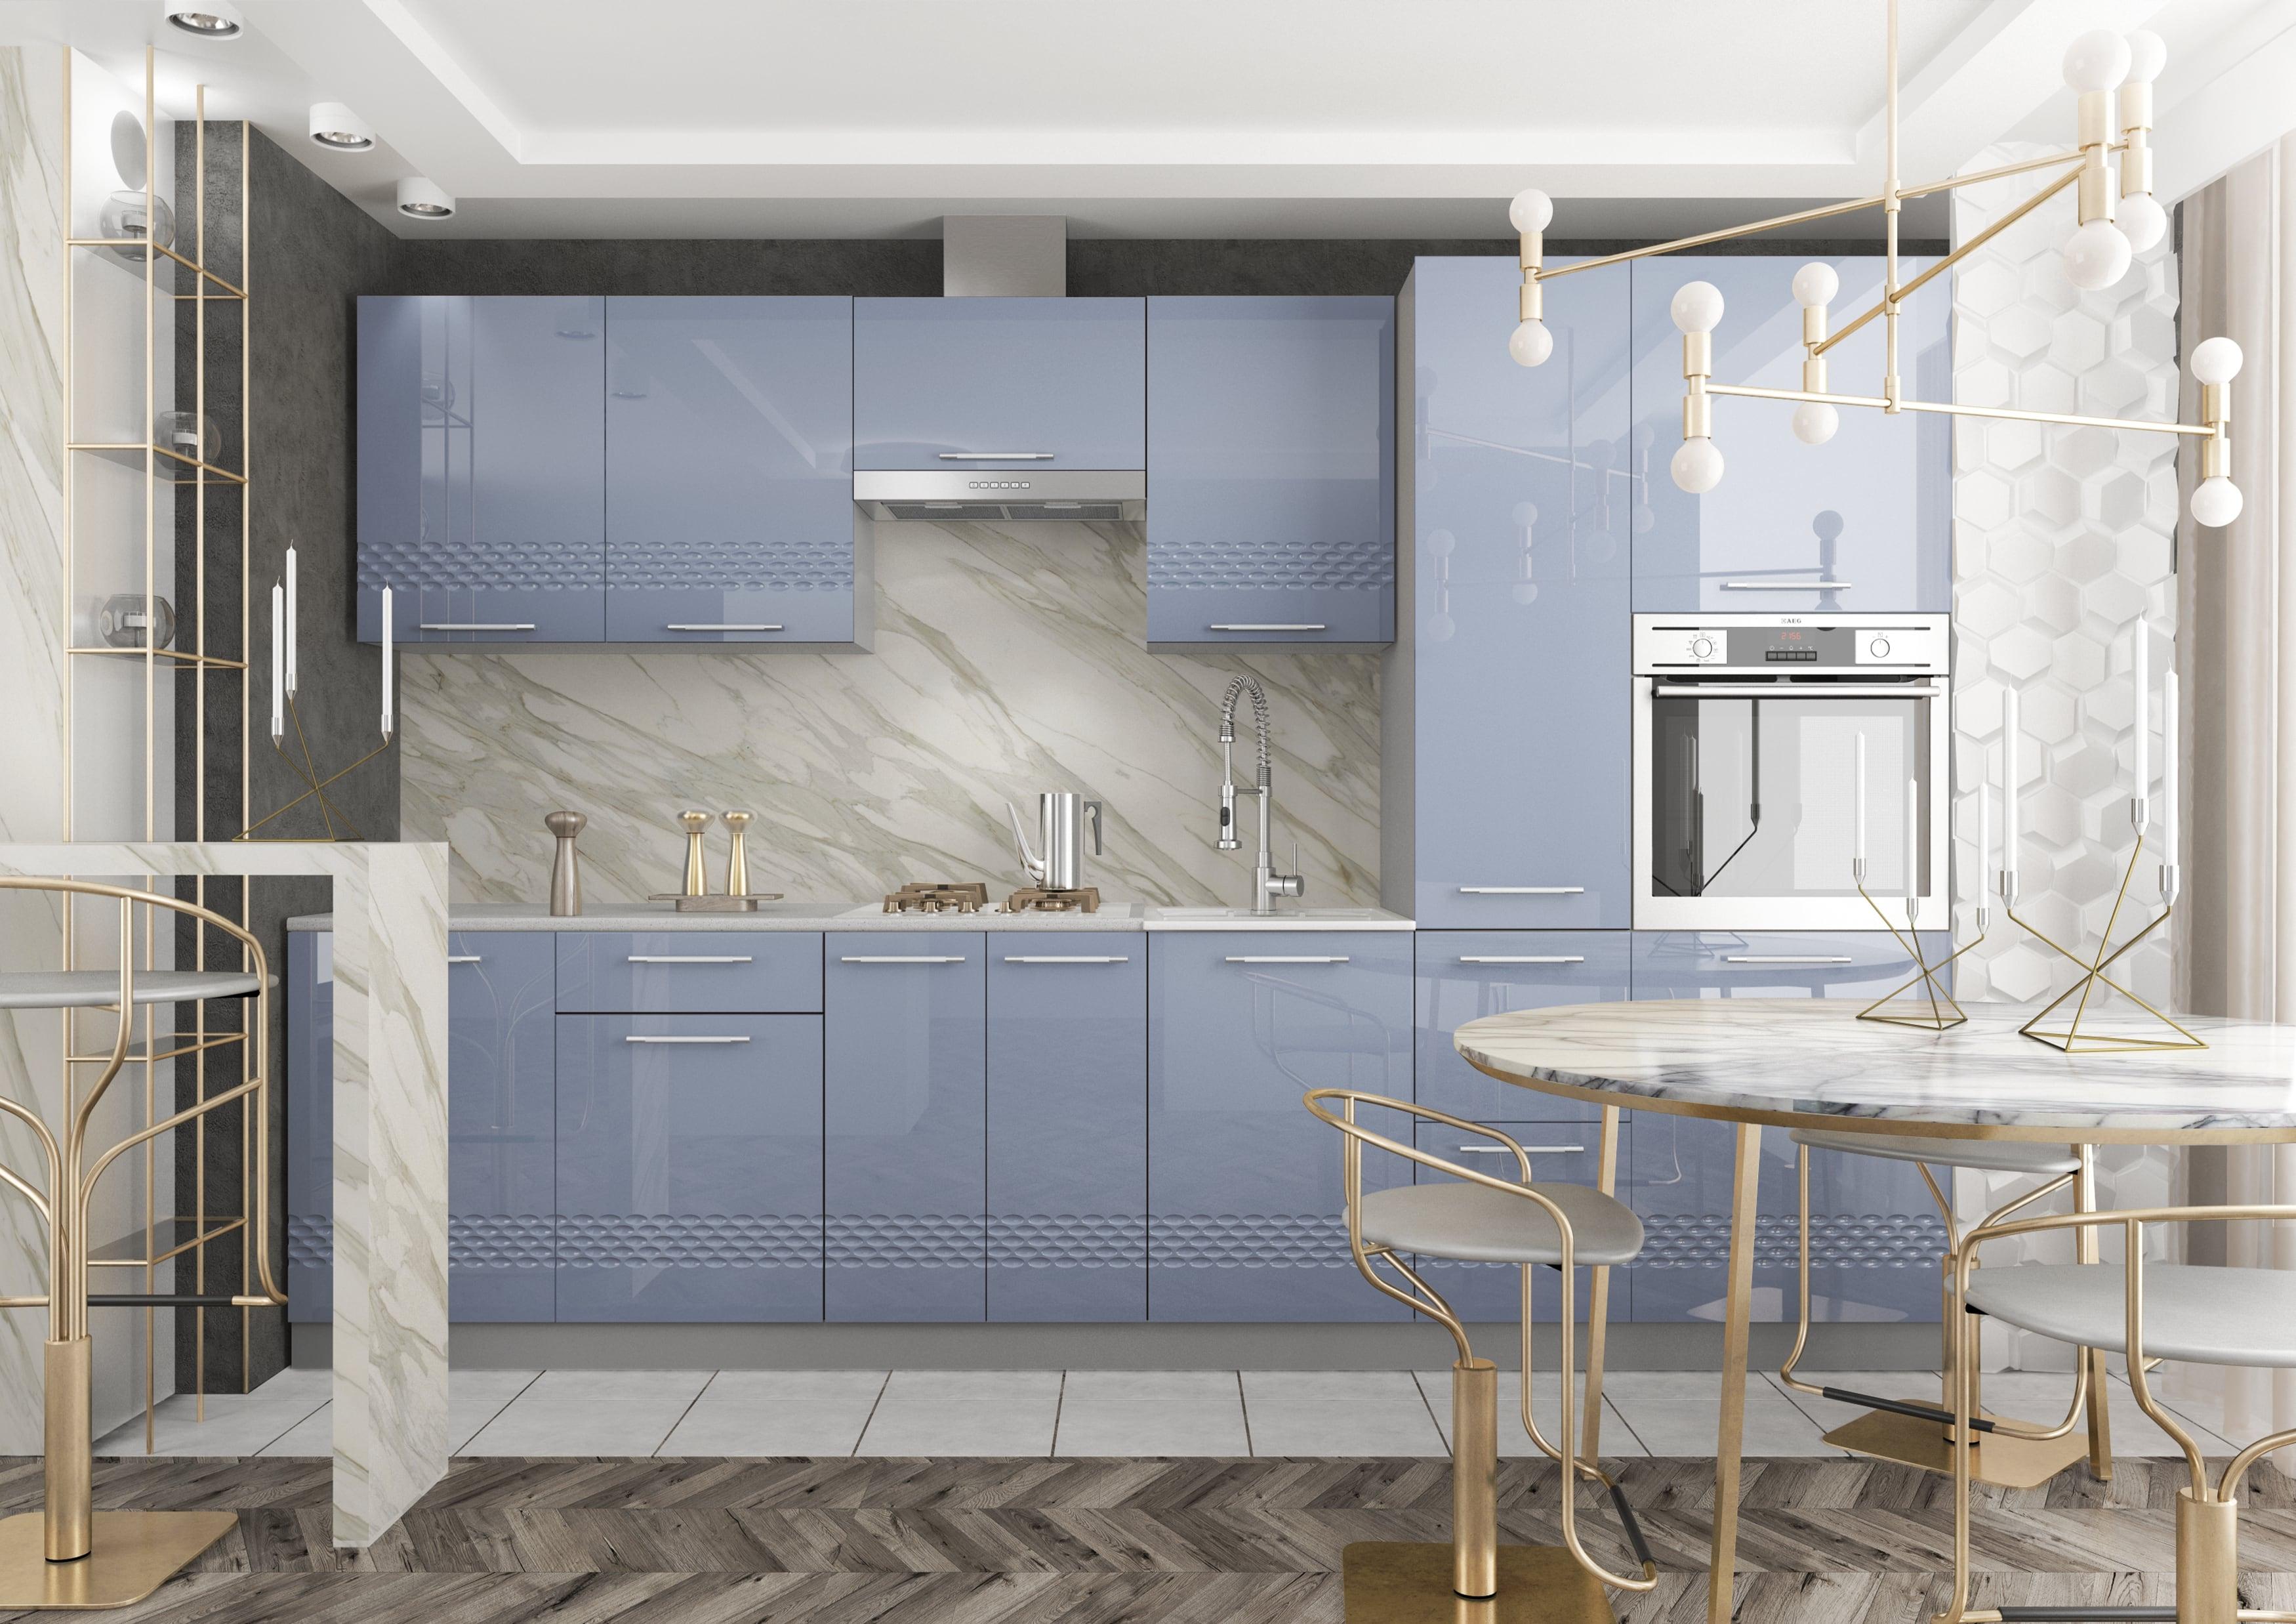 Кухня Капля 3D СУ 850*850 Шкаф нижний угловой петли слева